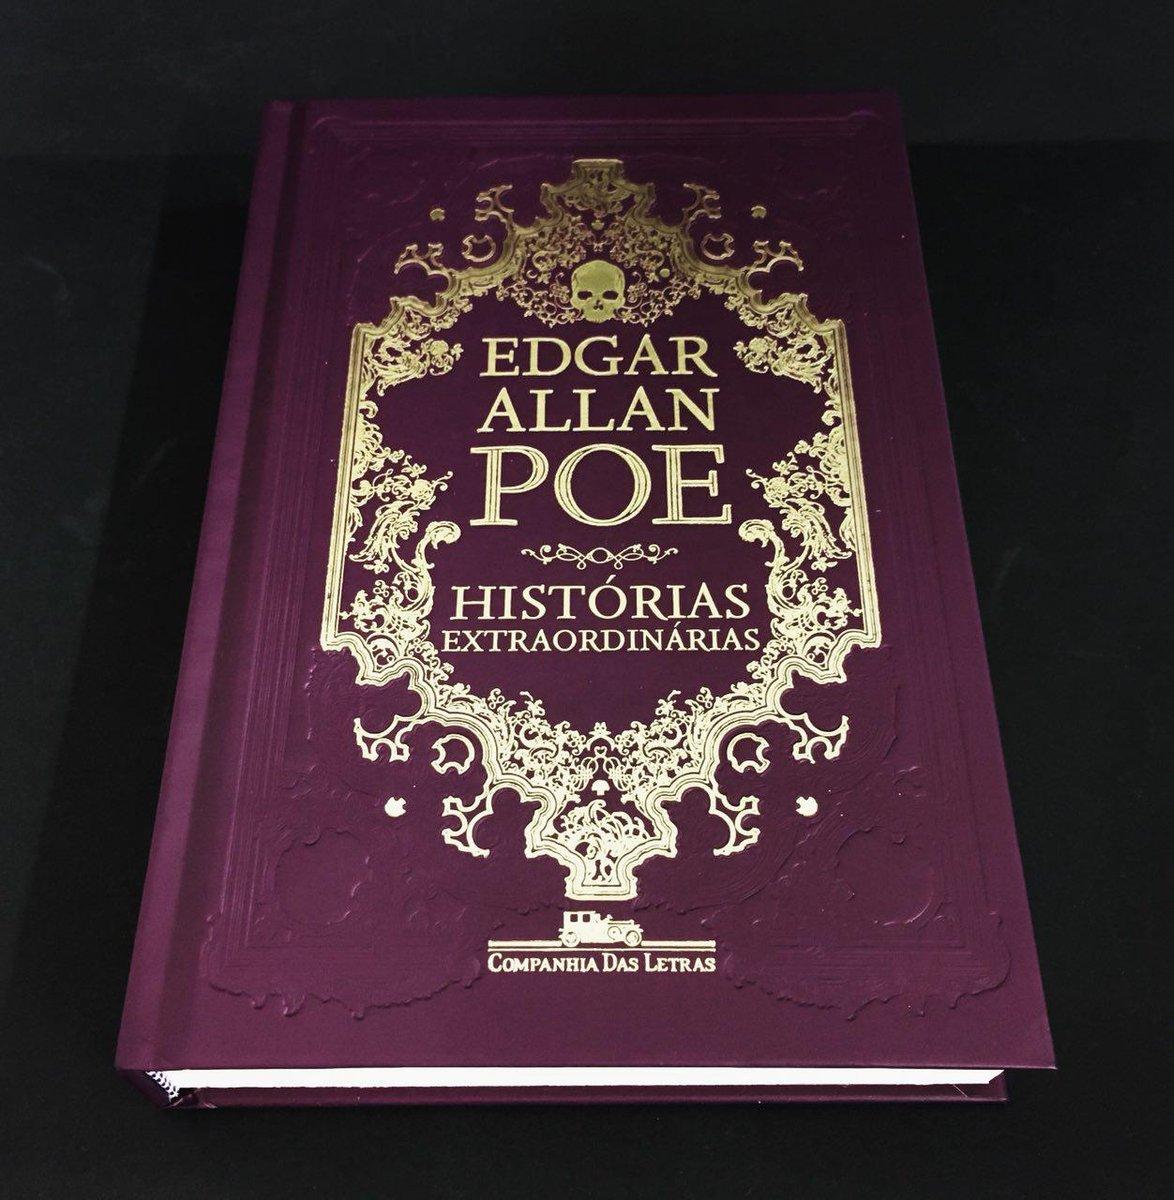 """Companhia das Letras on Twitter: """"A nova edição de """"Histórias ..."""